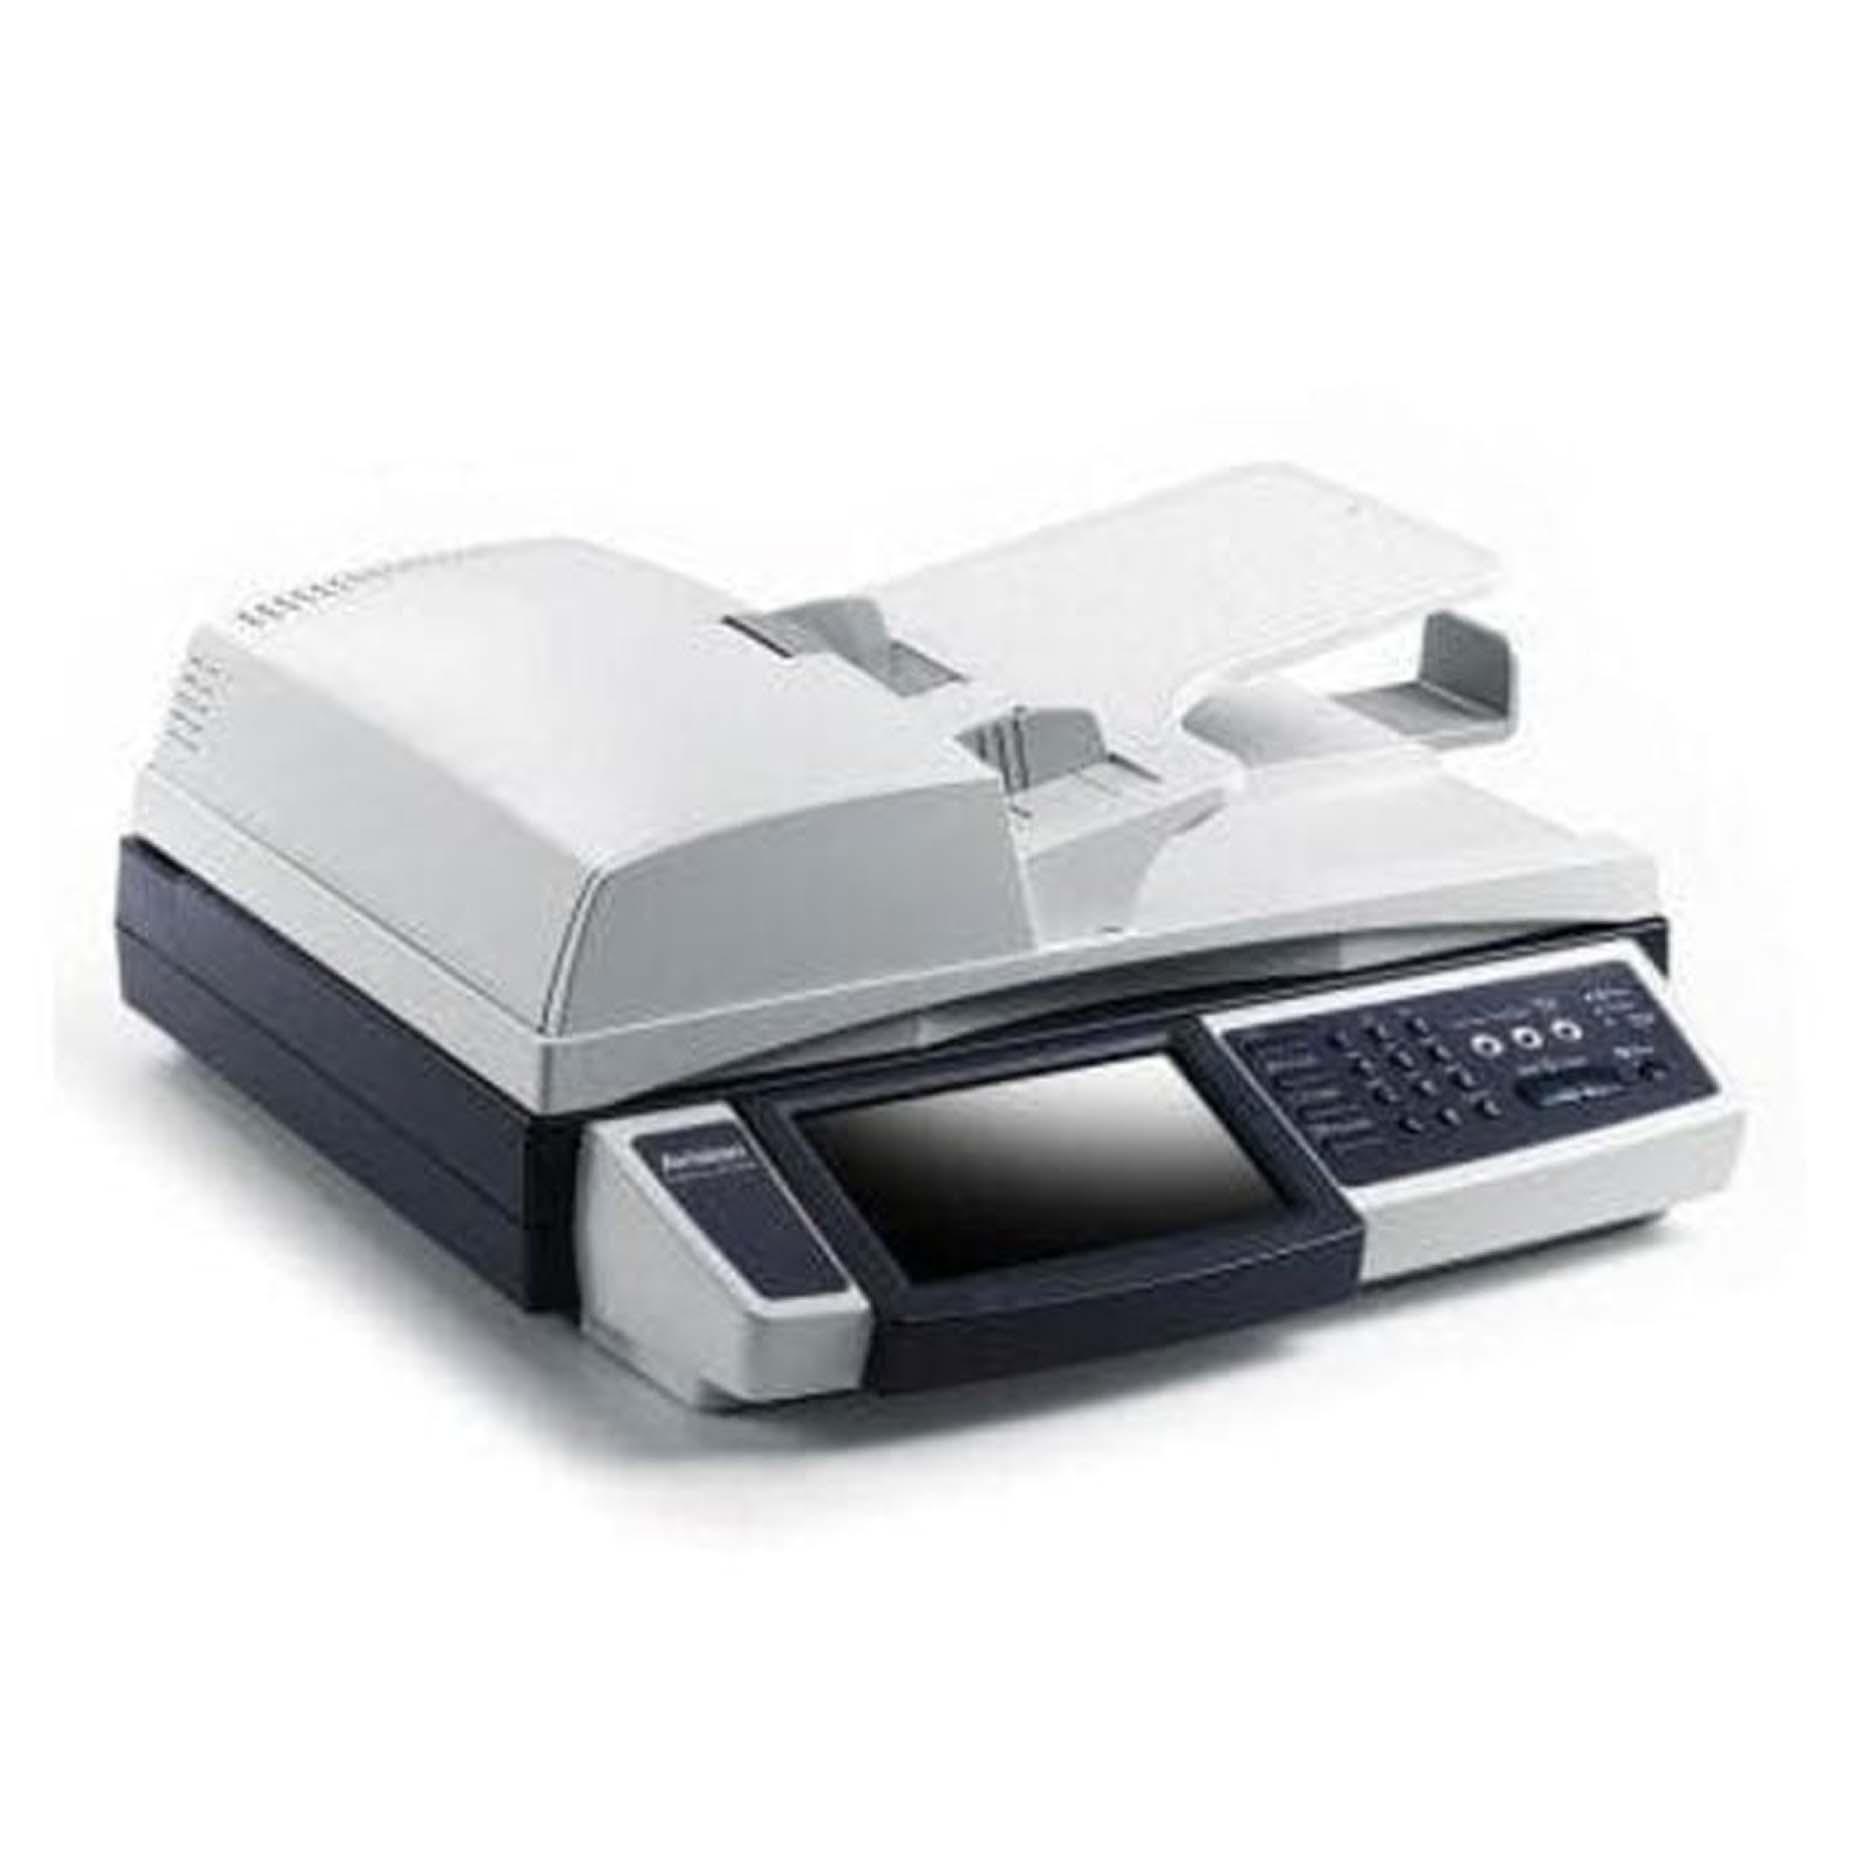 harga-avision-av2800-scanner-adf.jpg